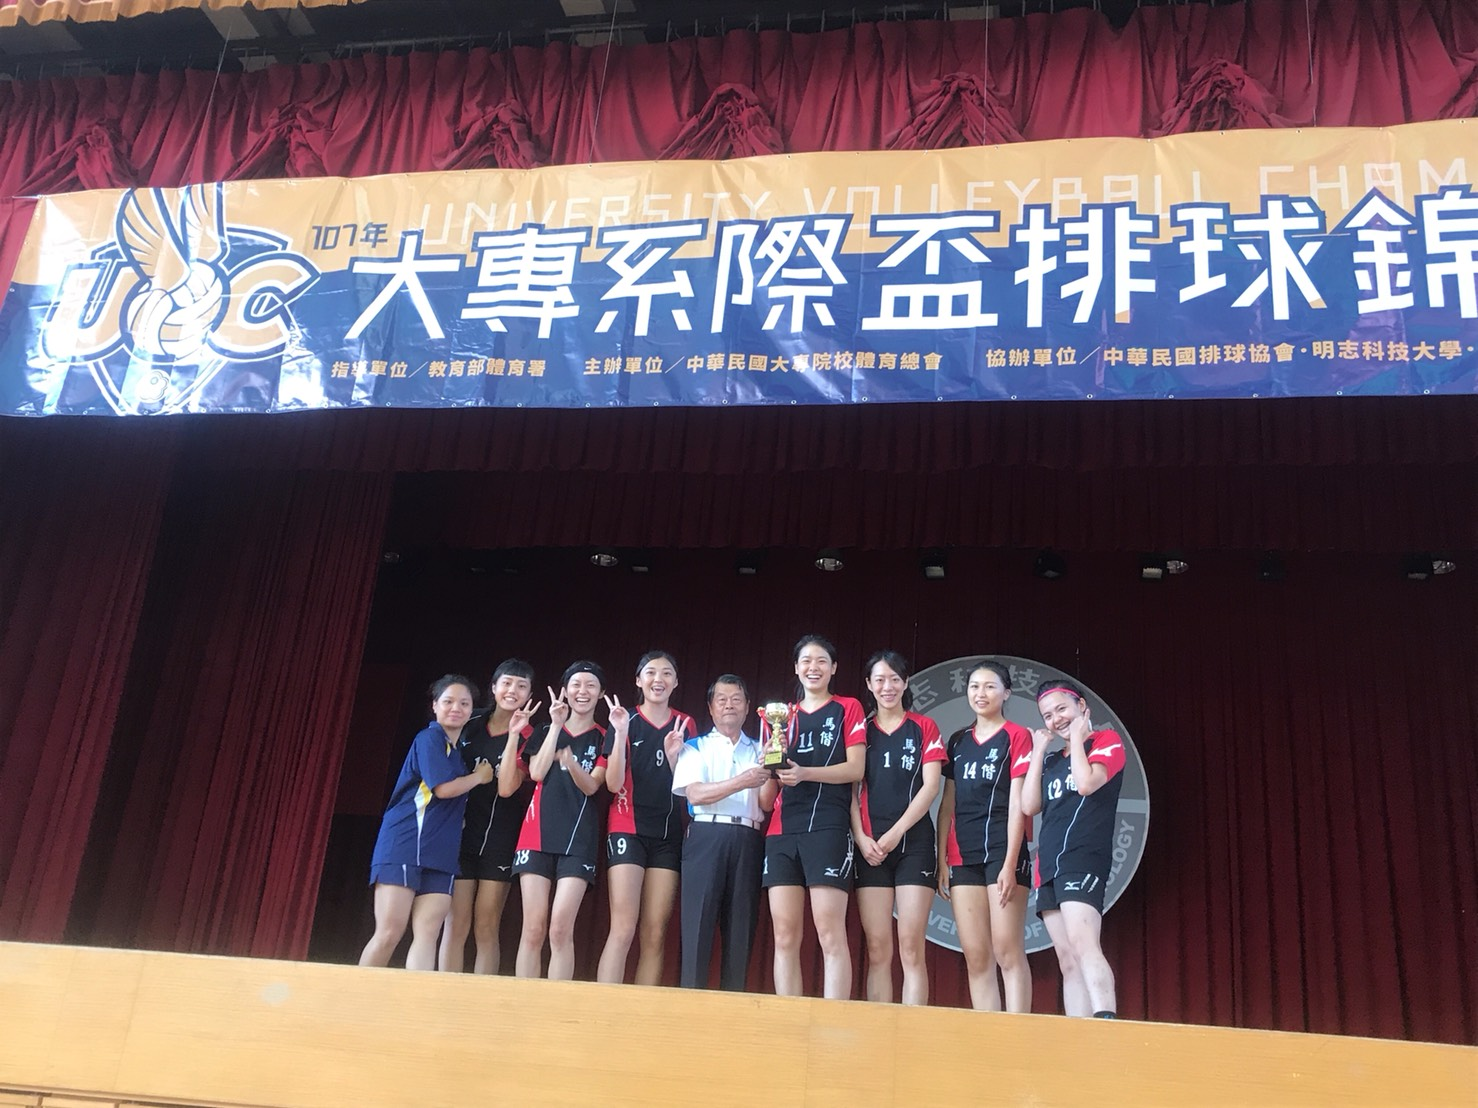 賀!恭喜本校排球隊參加「中華民國大專校院107年全國系際盃排球錦標賽」榮獲北區預賽女生組第三名